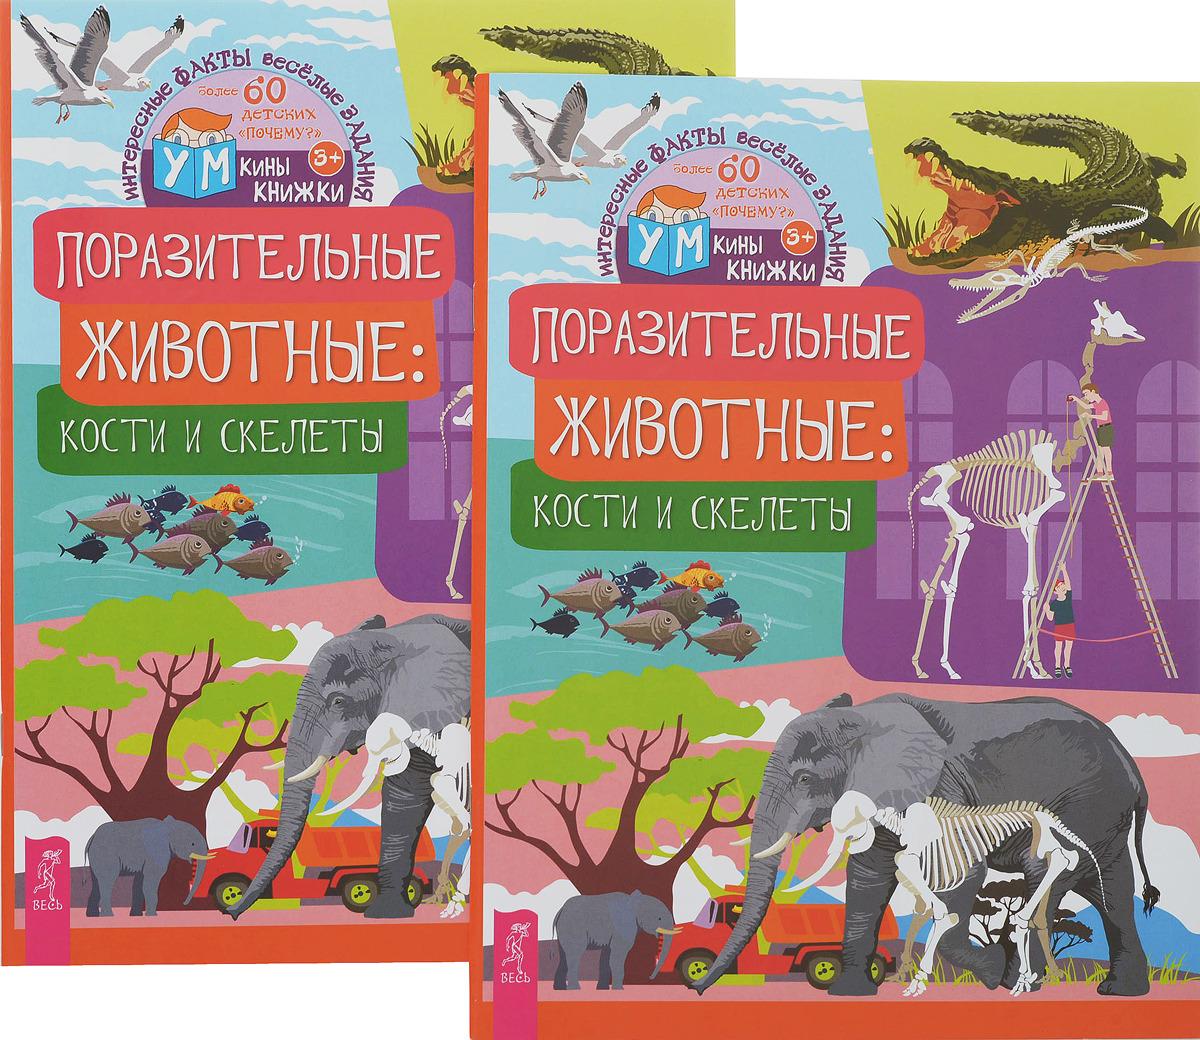 Г. Лапис Поразительные животные. Кости и скелеты (комплект из 2 книг)